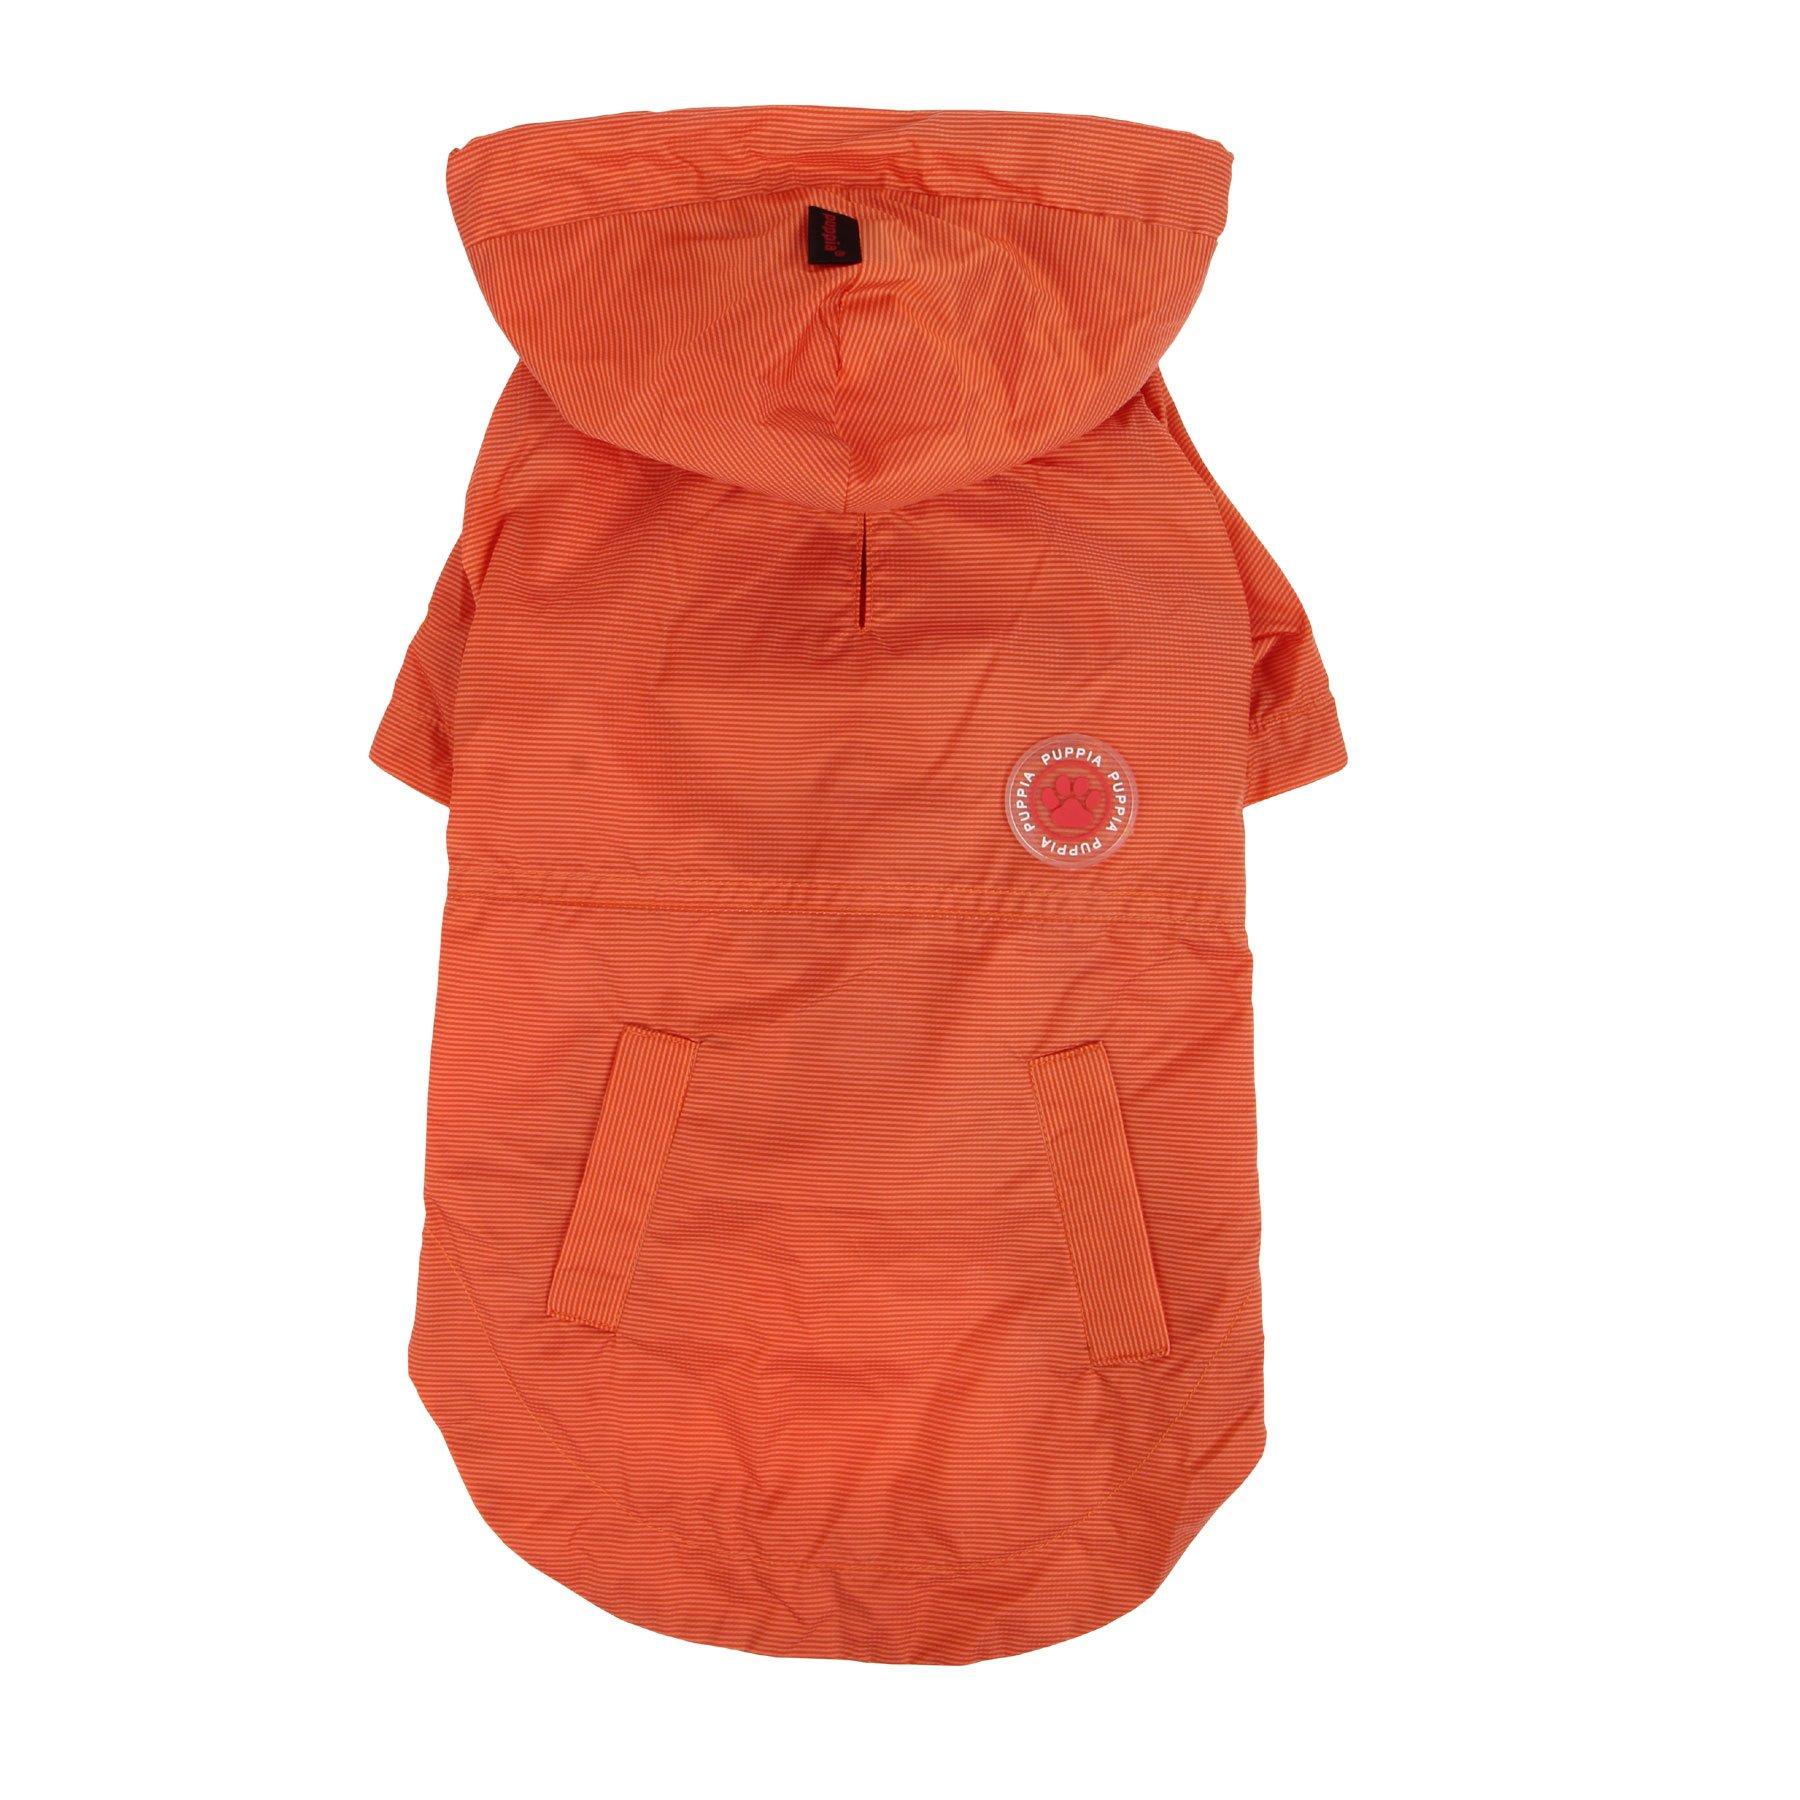 PUPPIA Authentic Windbreaker Pet Raincoat, Large, Orange